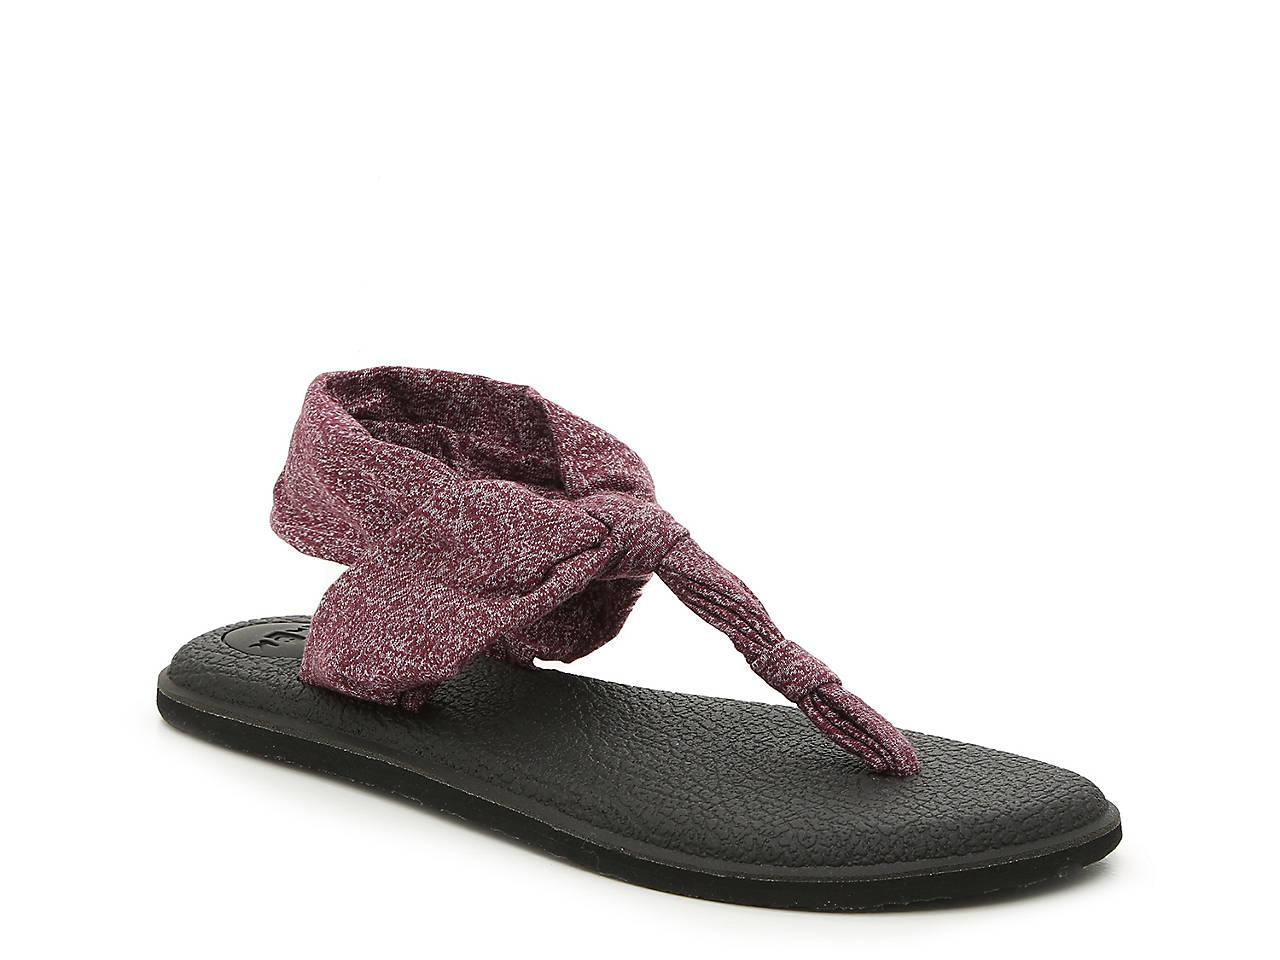 20268243743ec5 Sanuk Yoga Sling Ella Sandal Women s Shoes